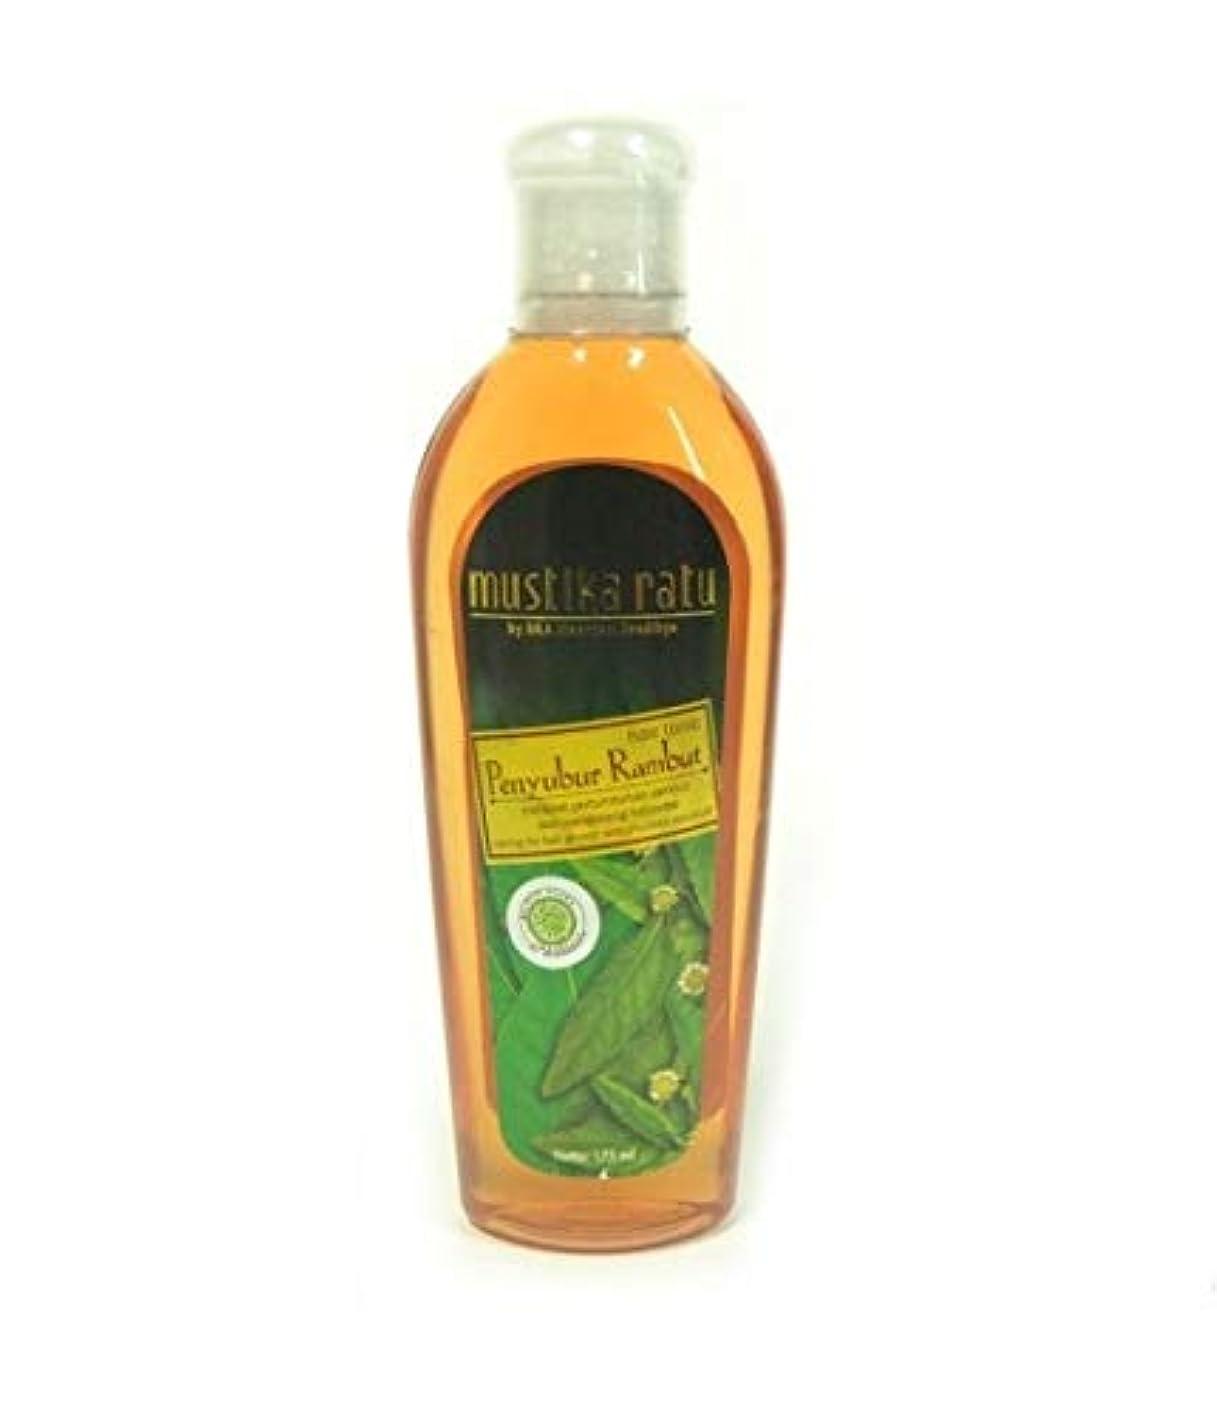 一致する奨励現実Mustika Ratu Best Seller Perawatan Rambut Hair Tonic Penyubur Rambut 175ml Mengurangi Gatal TERBAIK ヘアケアヘアトニック...